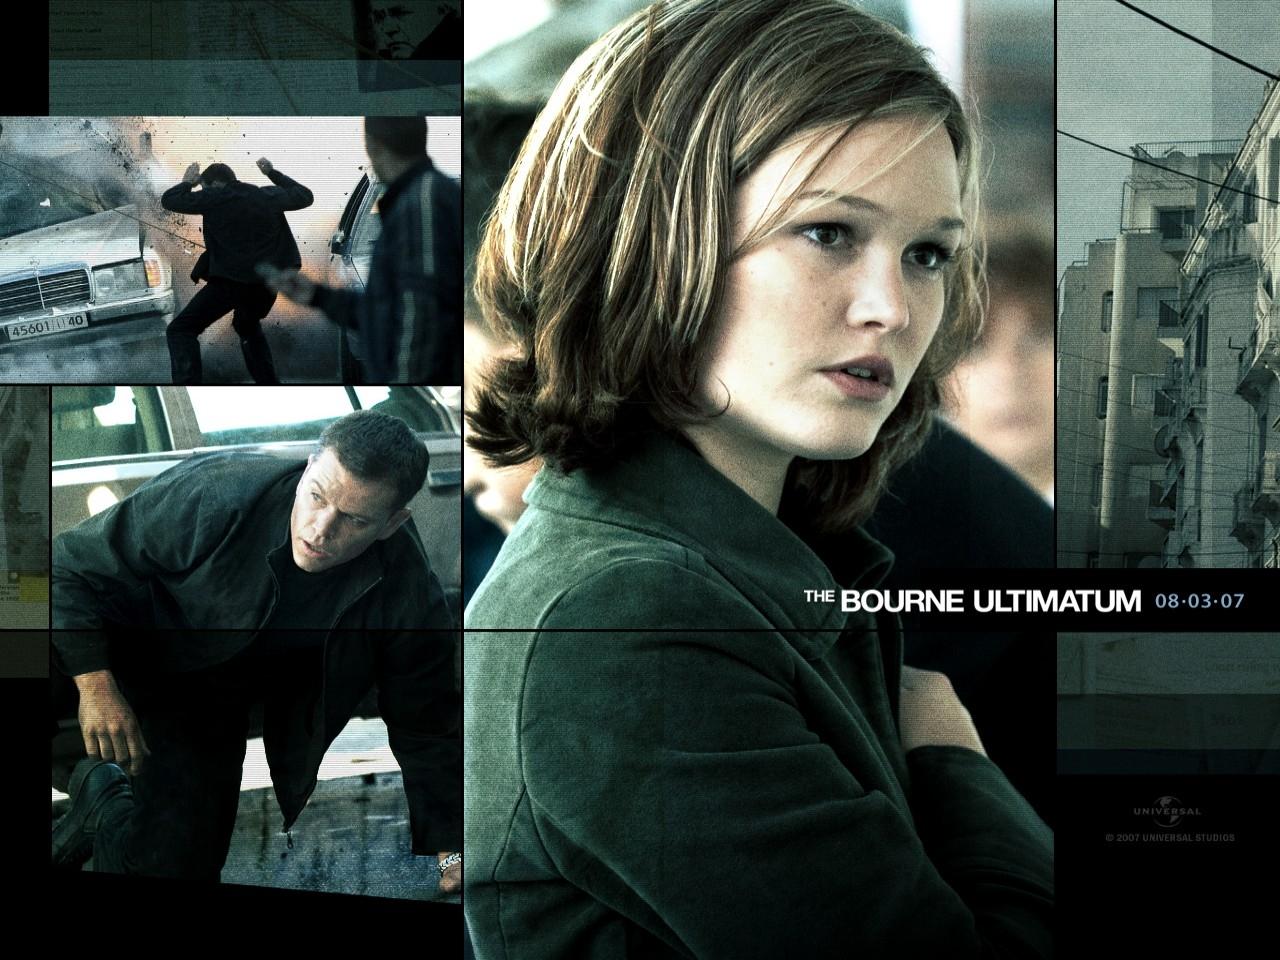 Wallpaper del film The Bourne Ultimatum con Julia Stiles